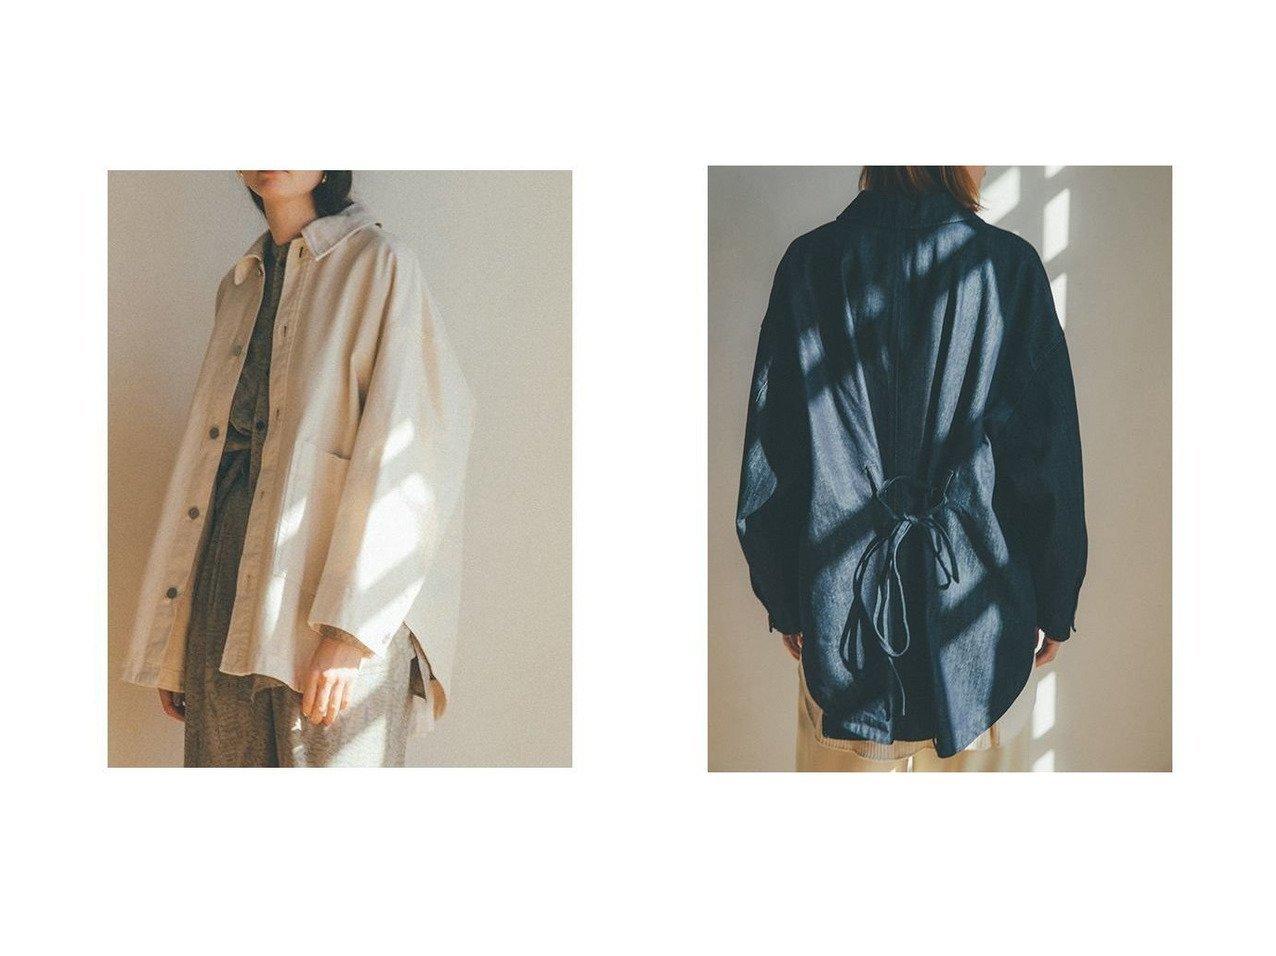 【CLANE/クラネ】のBACK SQUEEZE DENIM JK アウターのおすすめ!人気、トレンド・レディースファッションの通販 おすすめで人気の流行・トレンド、ファッションの通販商品 メンズファッション・キッズファッション・インテリア・家具・レディースファッション・服の通販 founy(ファニー) https://founy.com/ ファッション Fashion レディースファッション WOMEN アウター Coat Outerwear ジャケット Jackets おすすめ Recommend インディゴ シンプル ジャケット デニム ラウンド リボン |ID:crp329100000022646